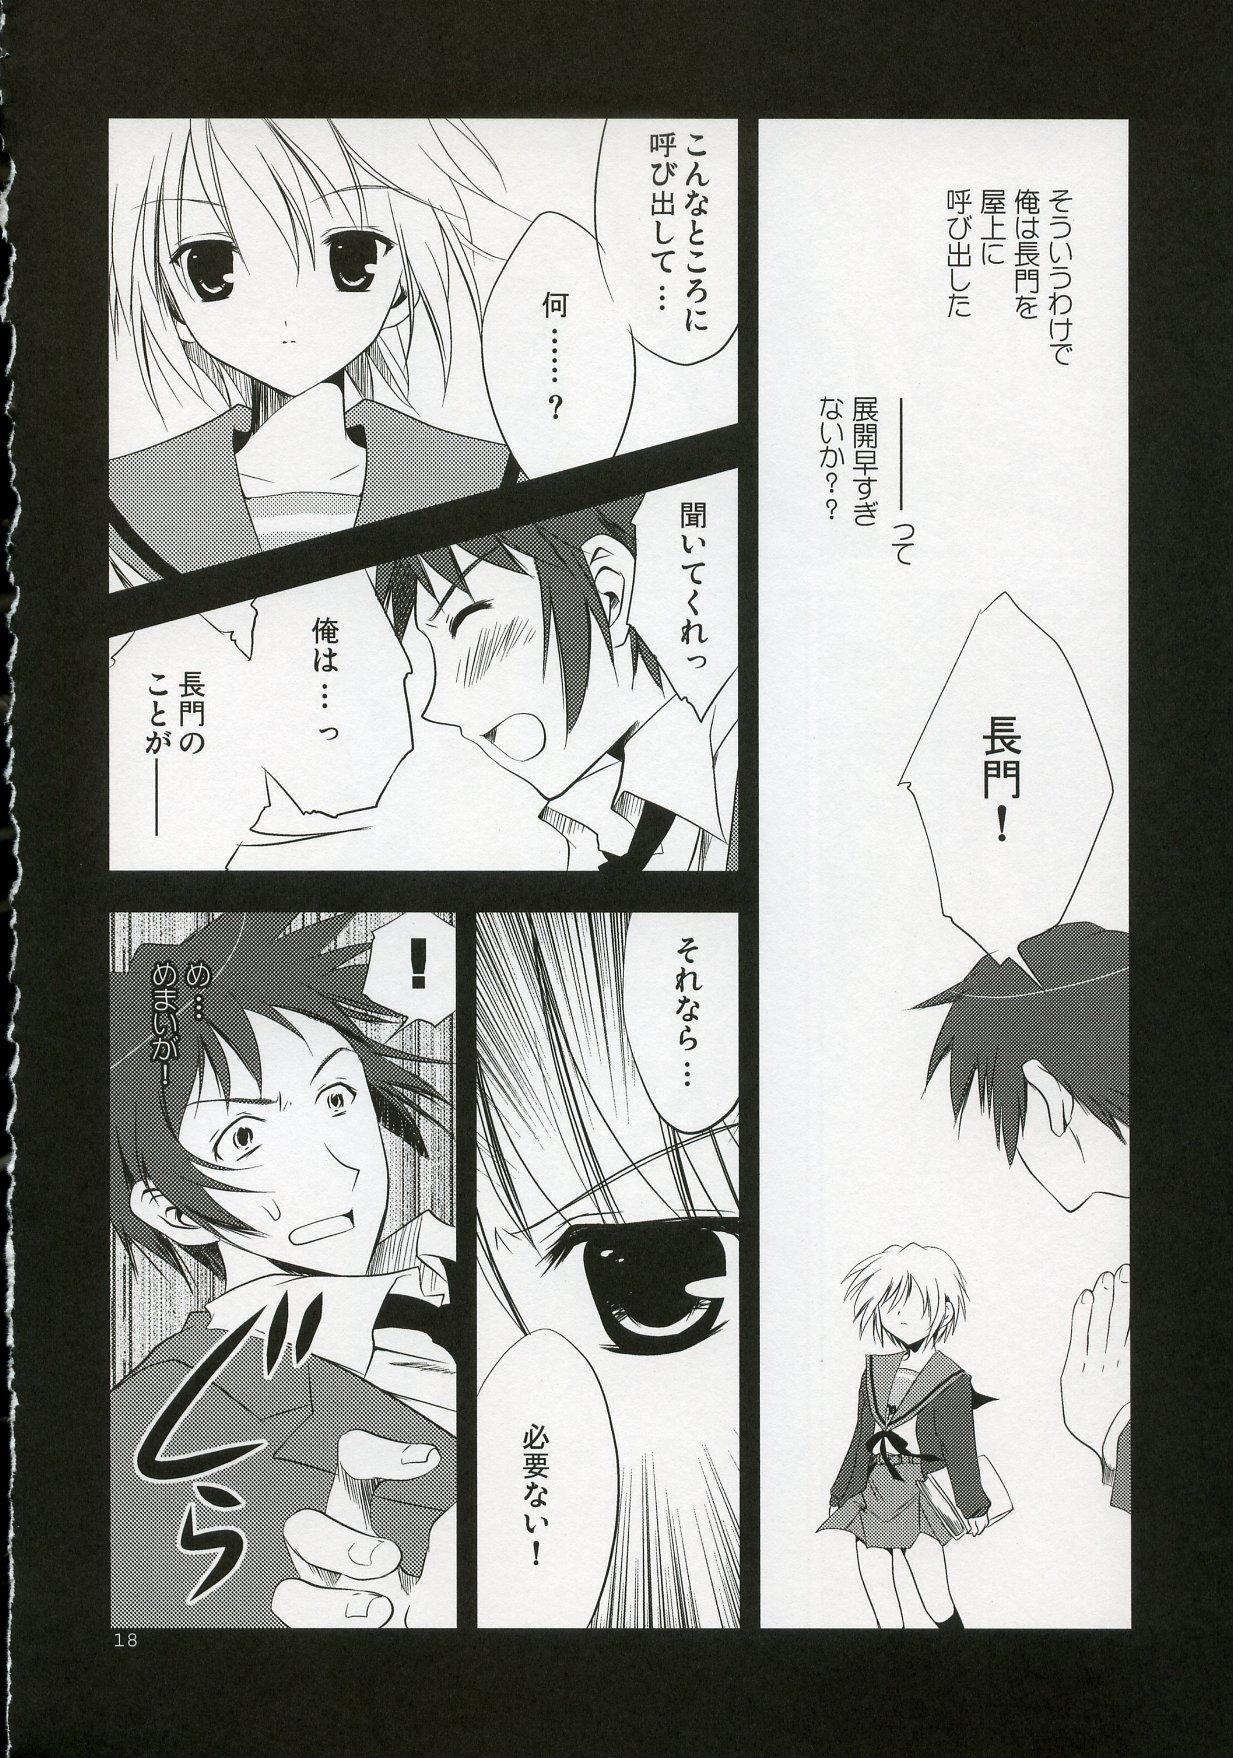 Nagato VS Kyon 16